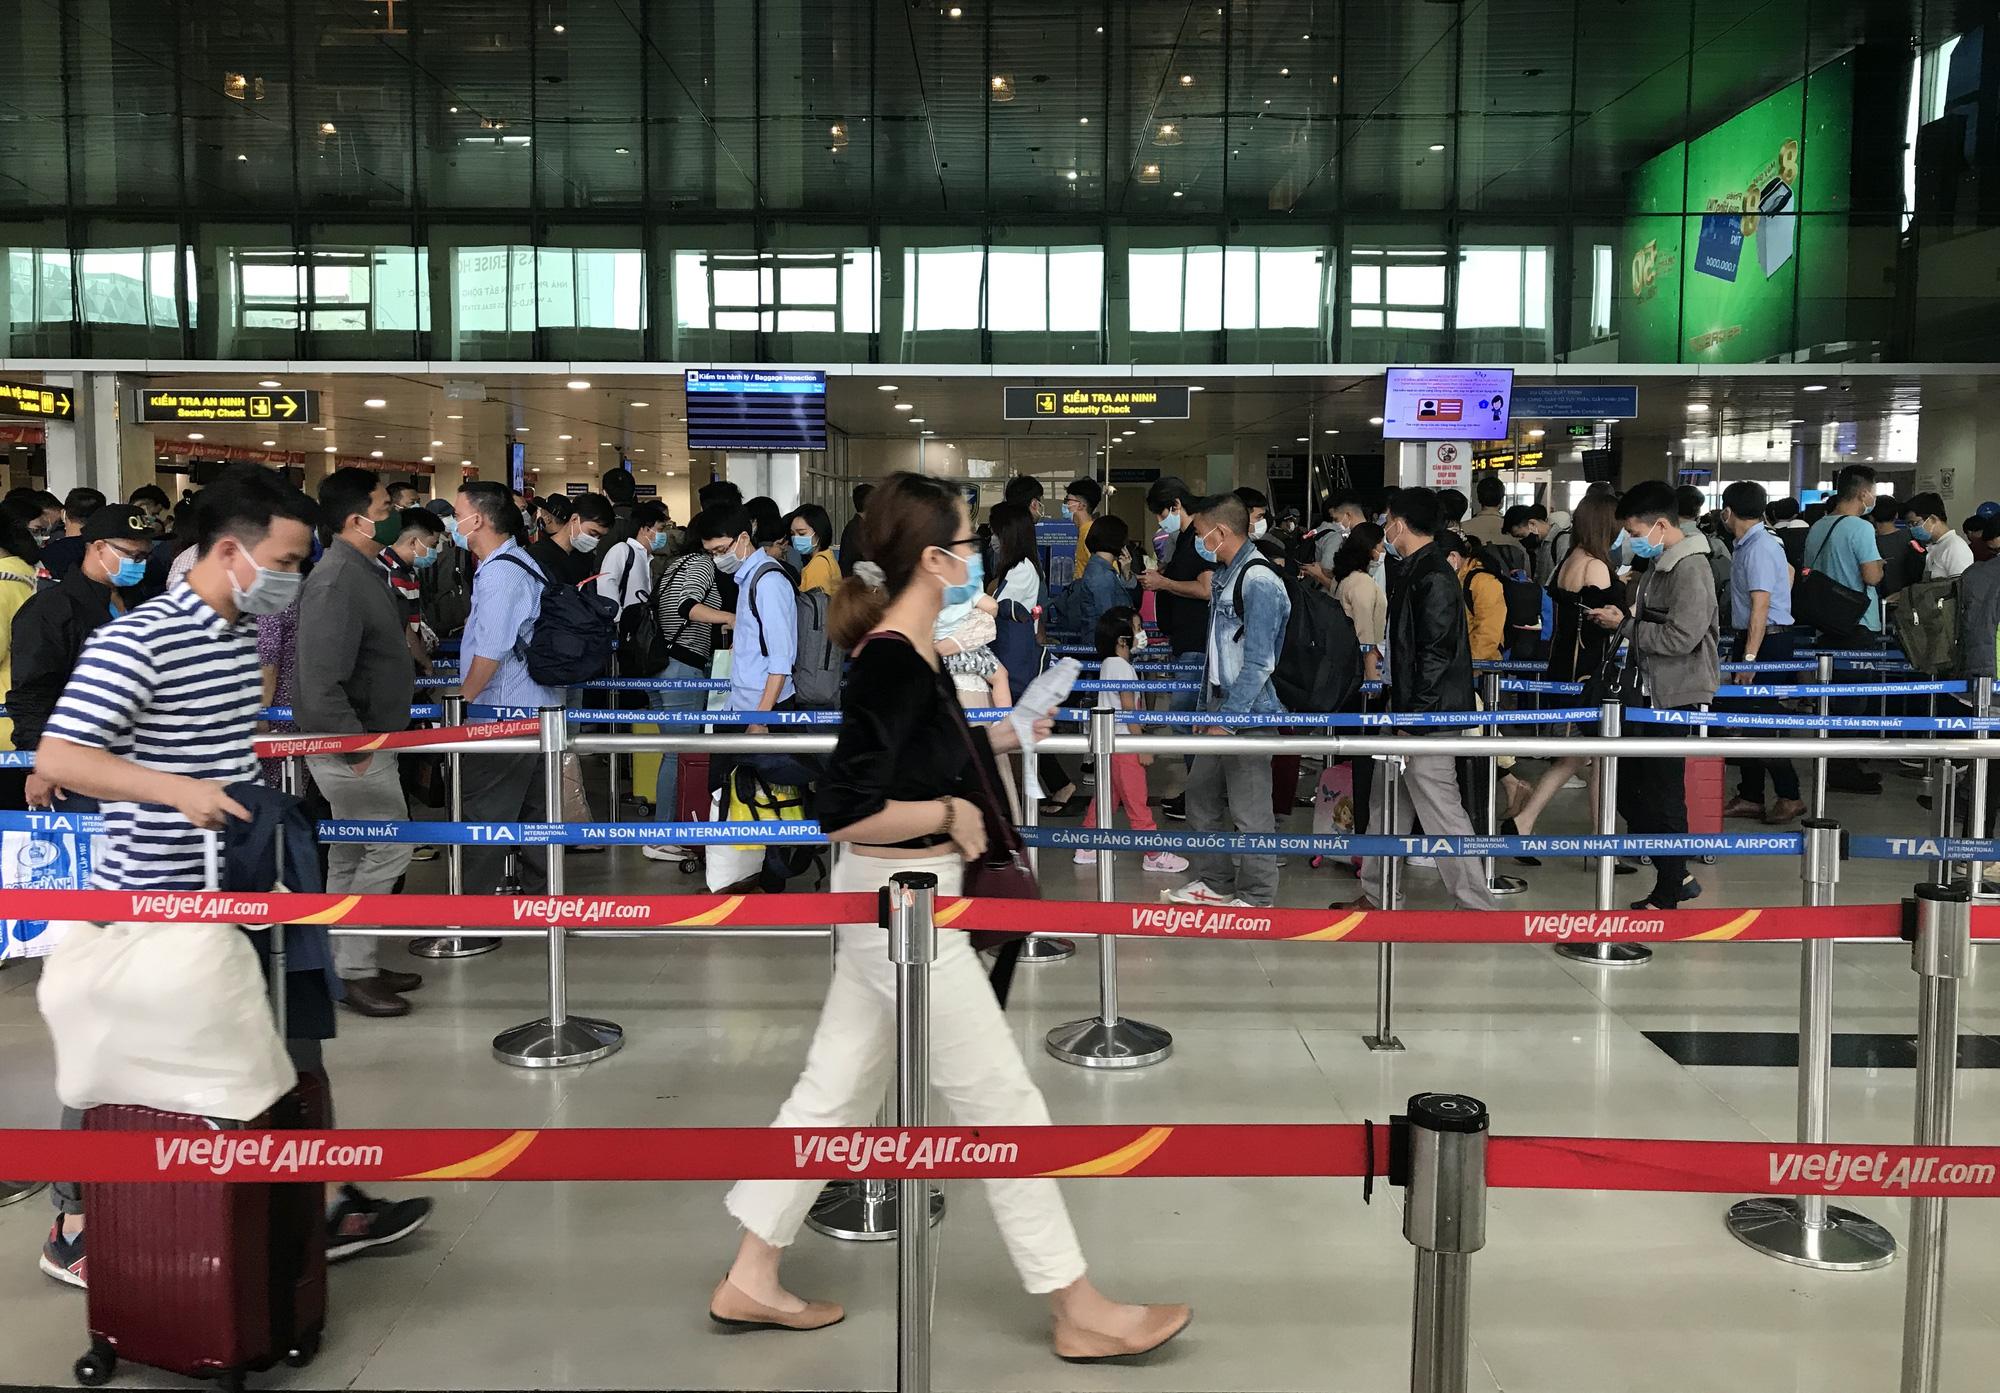 Giá vé bay Tết Tân Sửu: Vietnam Airlines, Vietjet, Bamboo Airways giảm không phanh, chỉ còn vài trăm nghìn đồng - Ảnh 3.